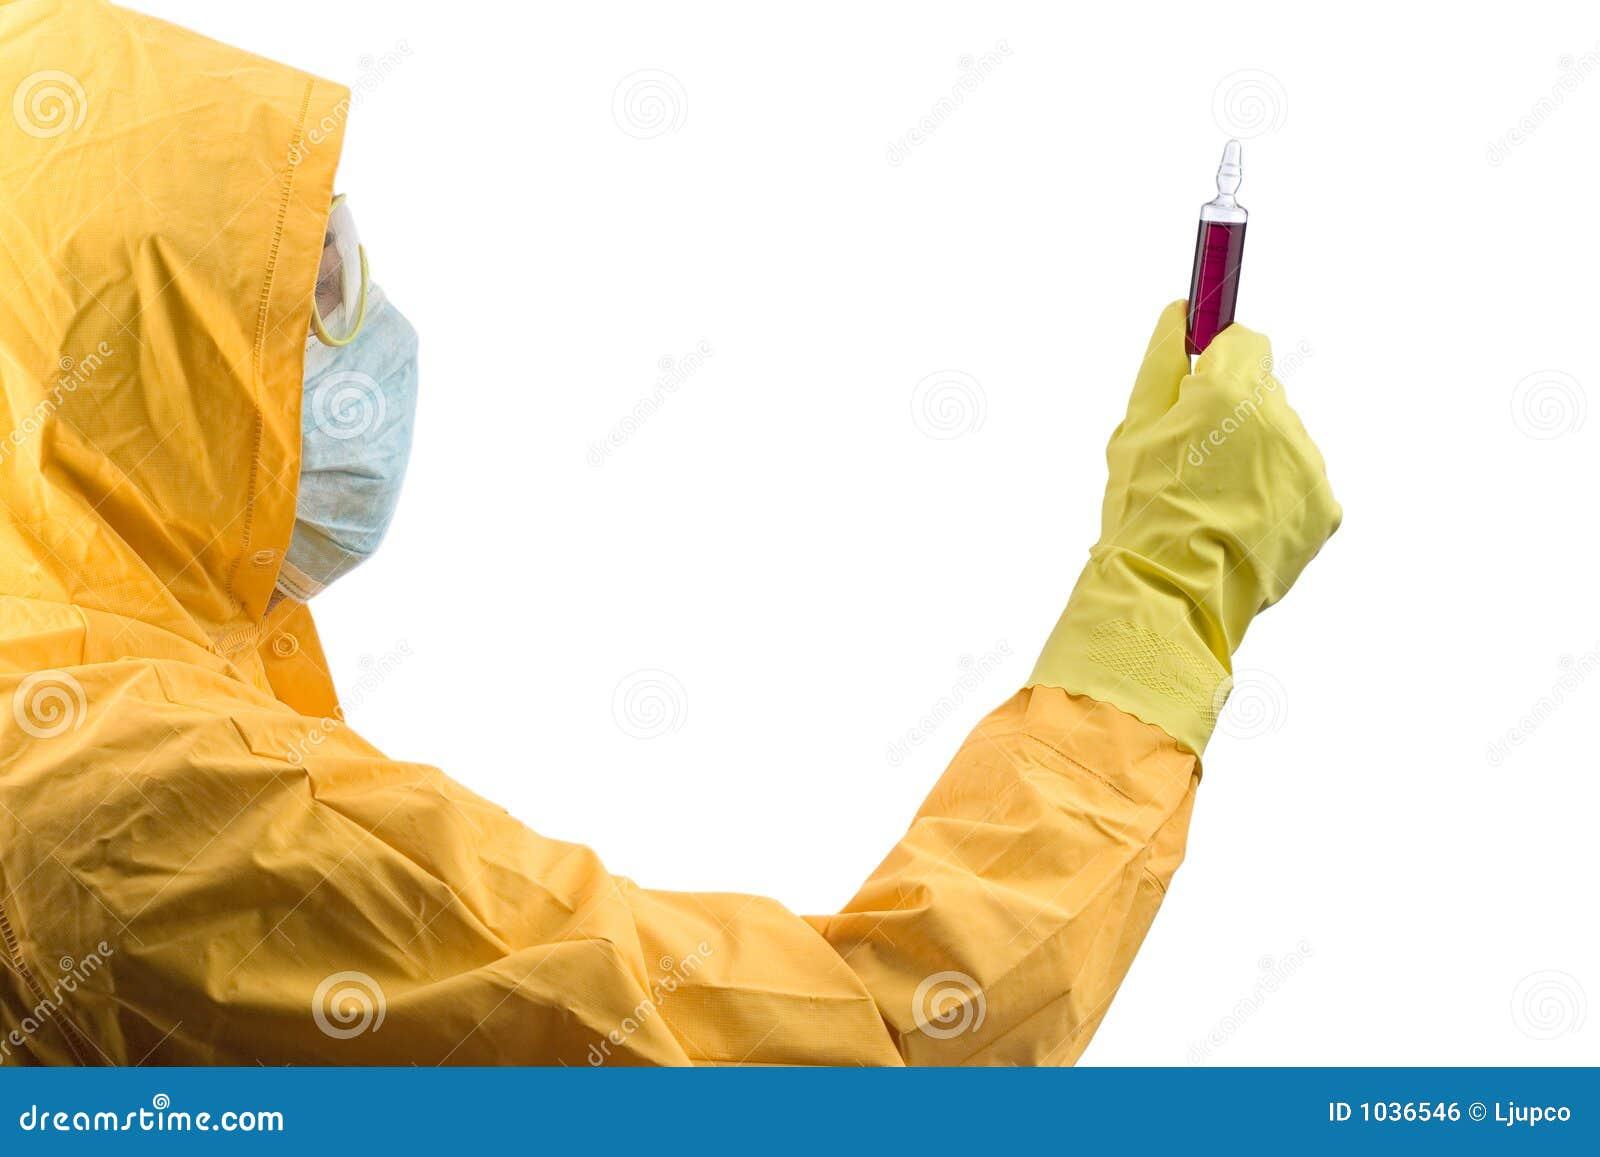 Investigador que maneja los productos químicos peligrosos